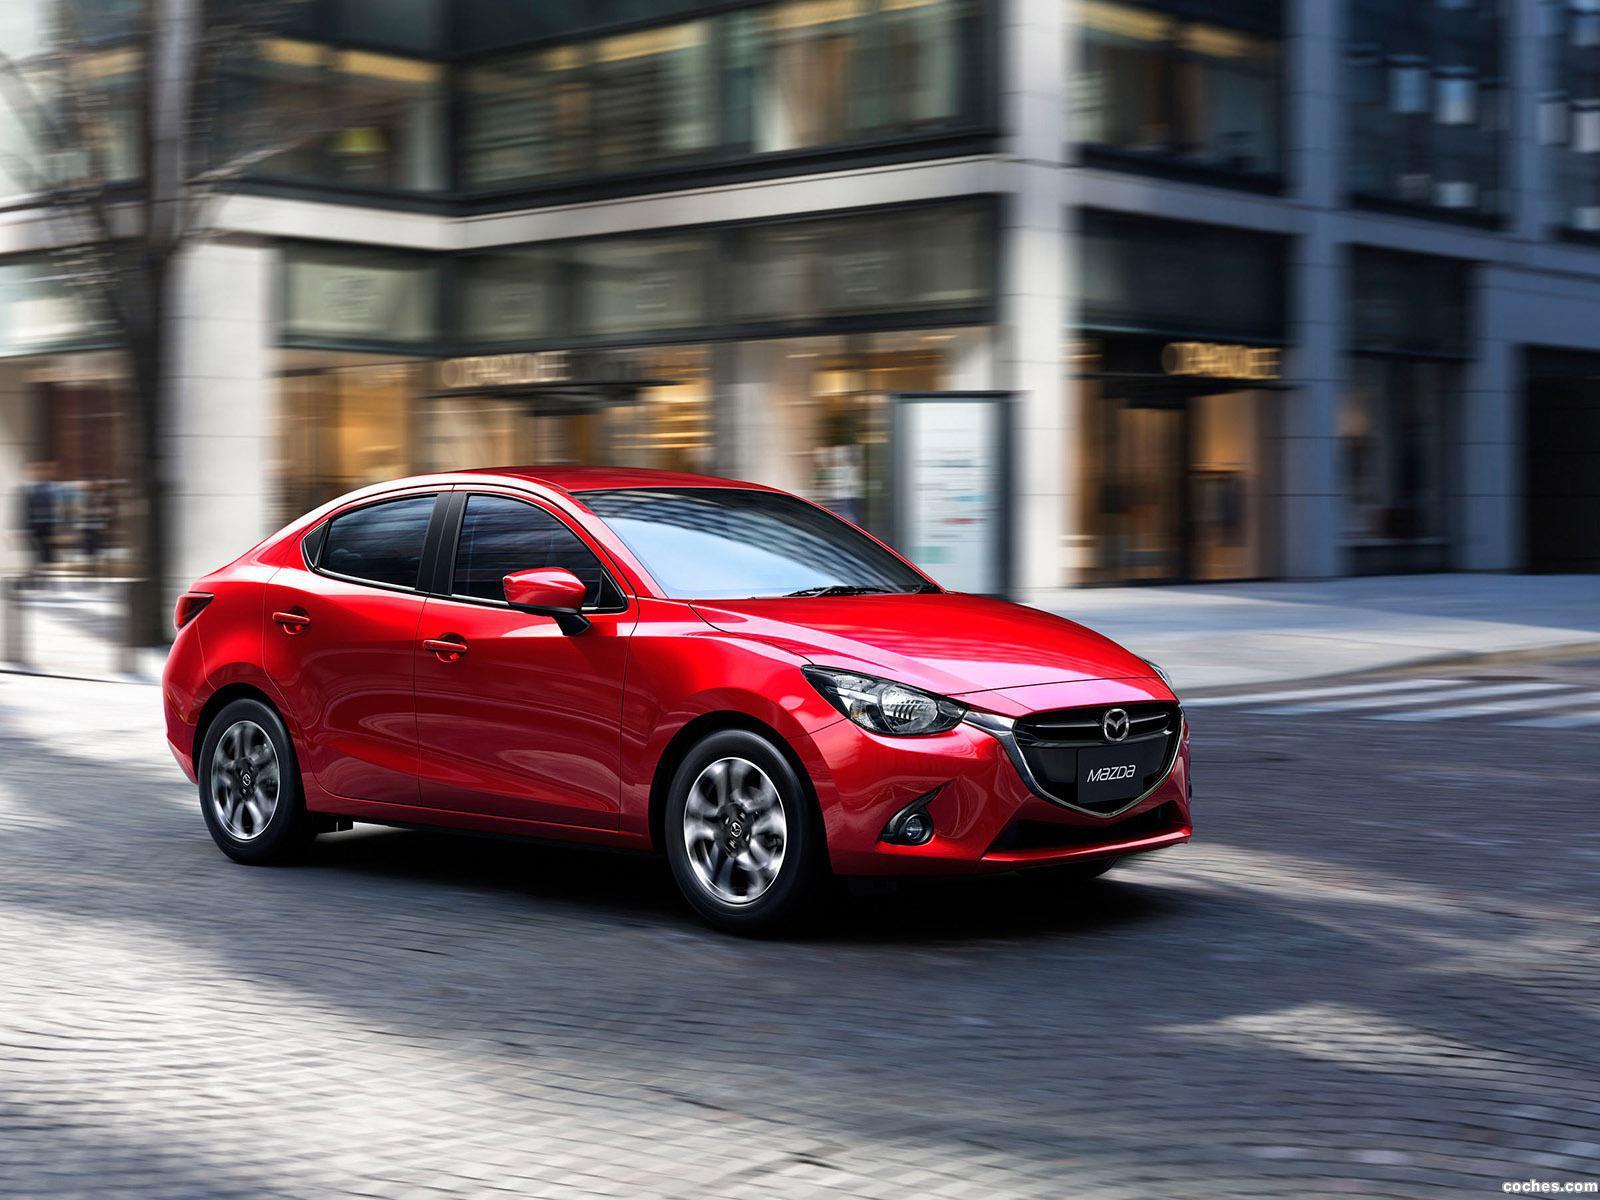 Foto 0 de Mazda 2 Sedan 2015